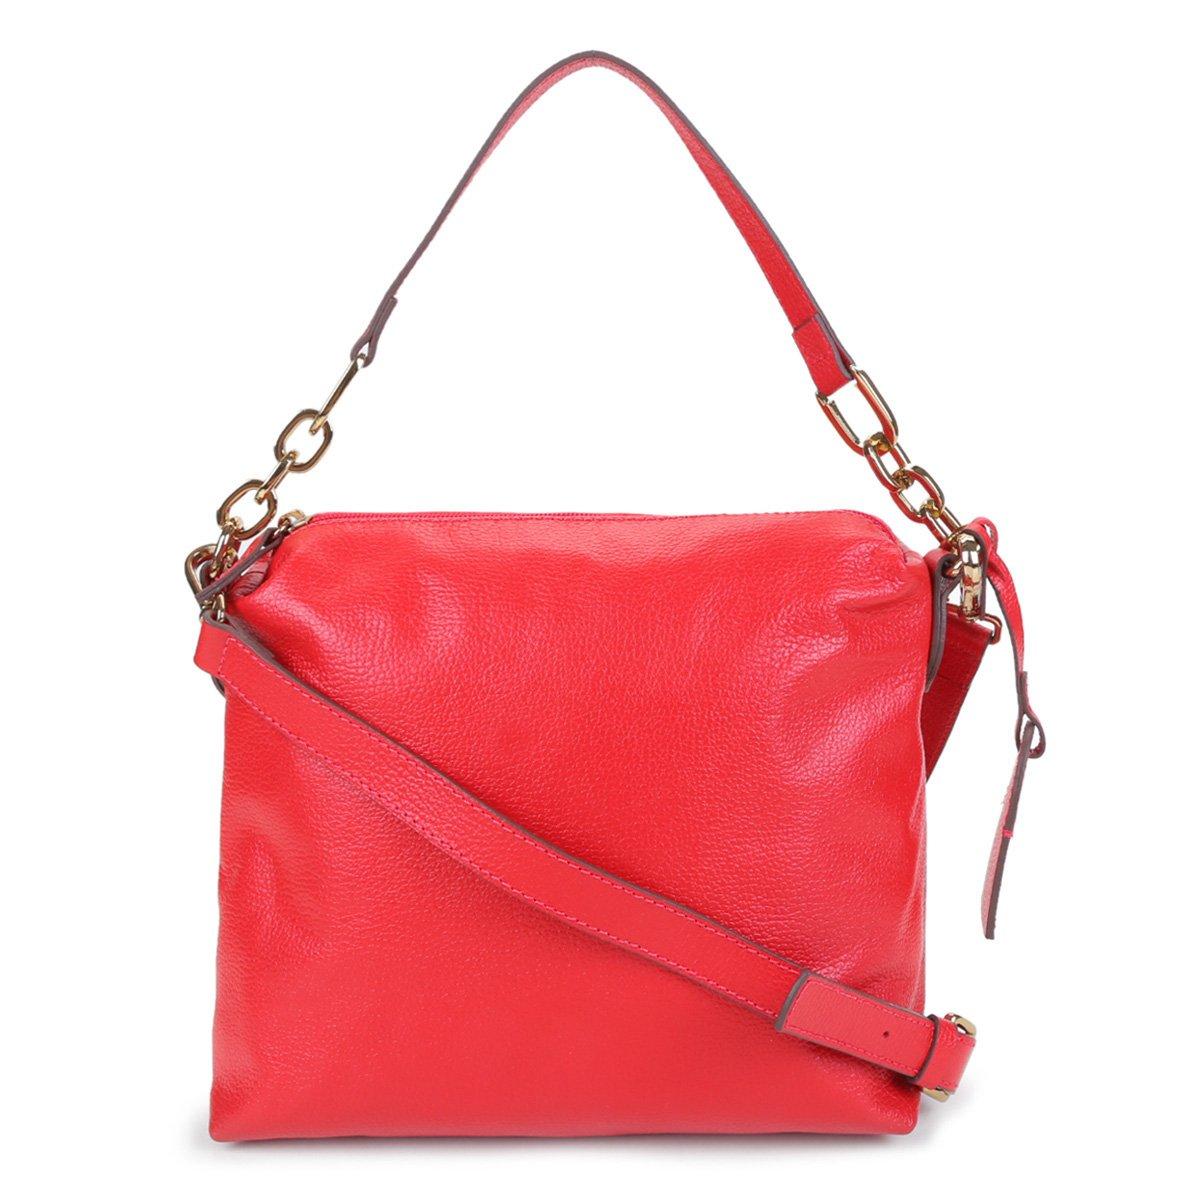 Bolsa Couro Shoestock Soft Bag Corrente Feminina